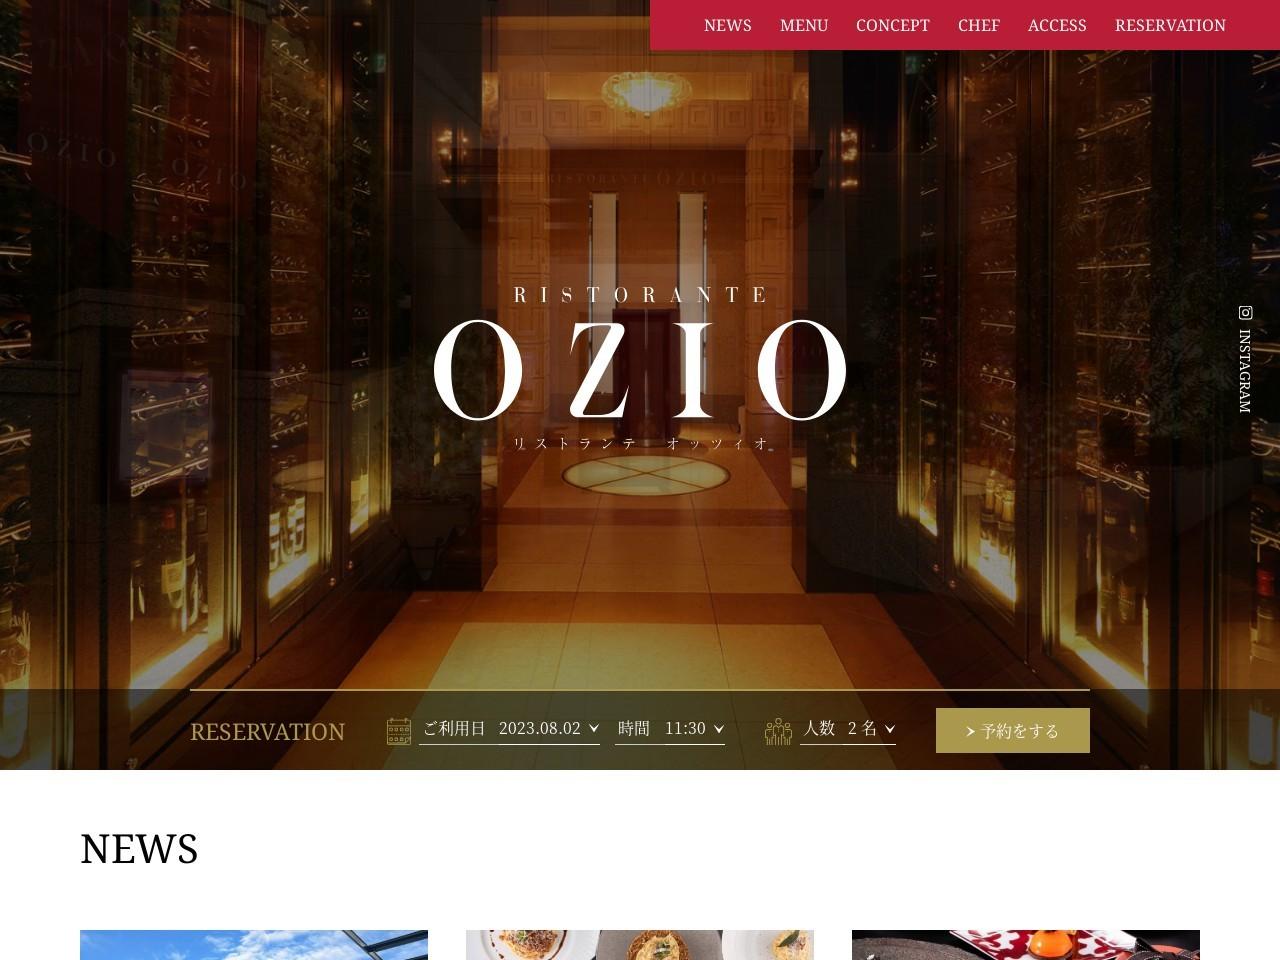 東京ベイコート倶楽部RISTORANTEオッツィオ(OZIO)